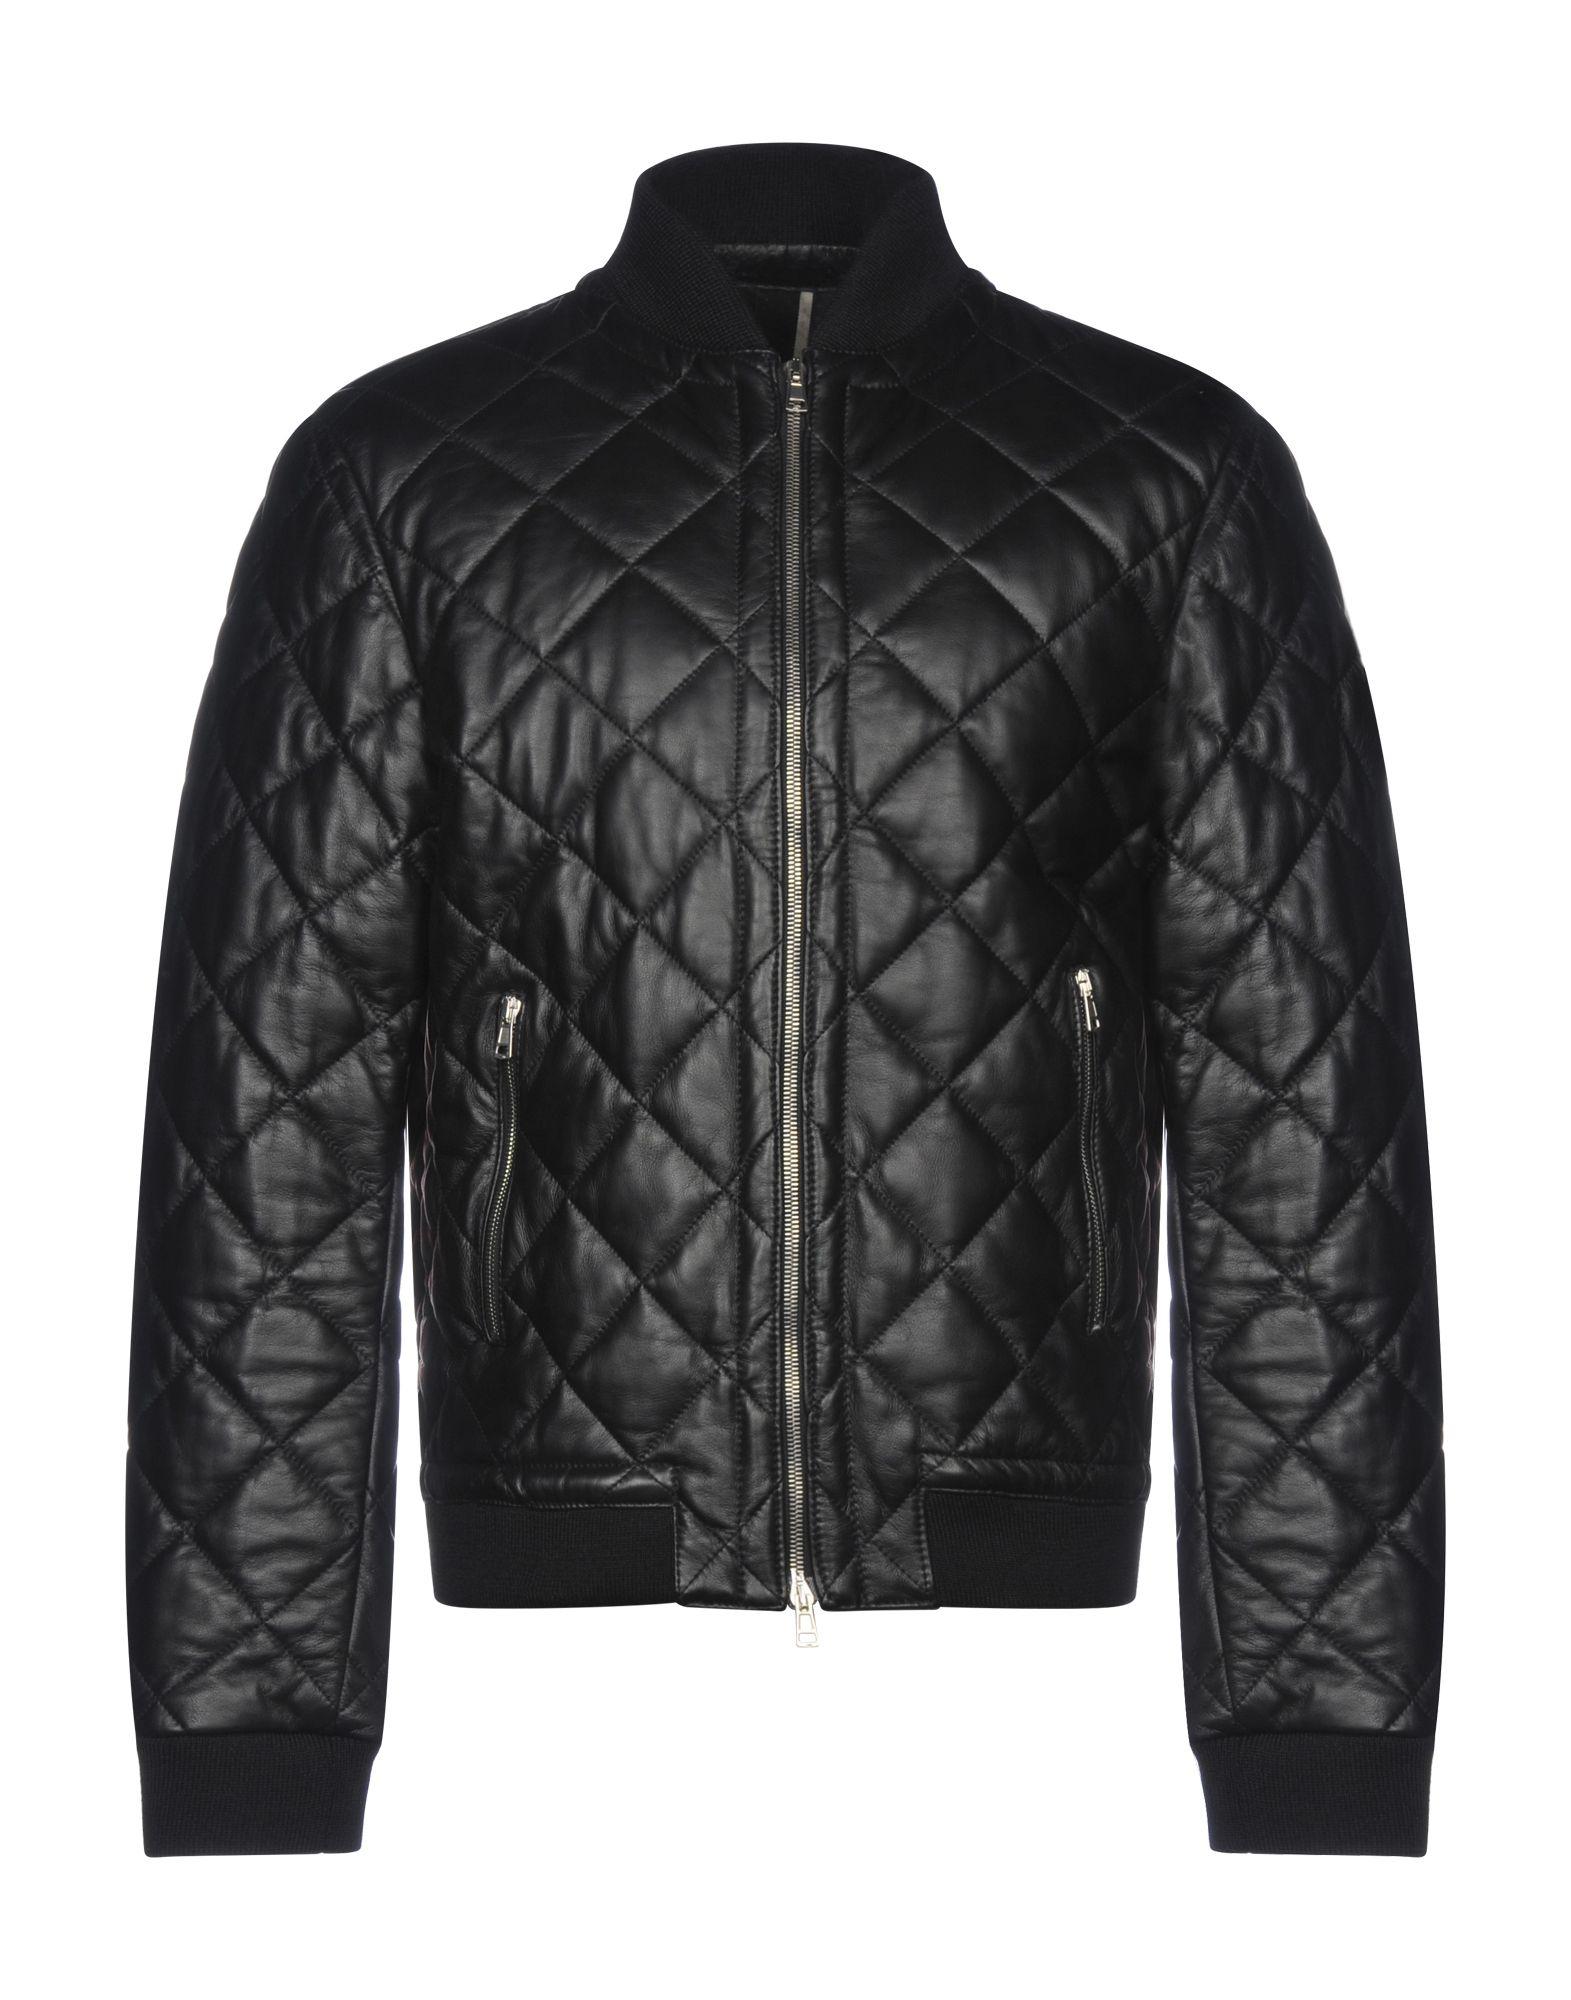 Giubbotto Pelle Low Brand Donna - Acquista online su